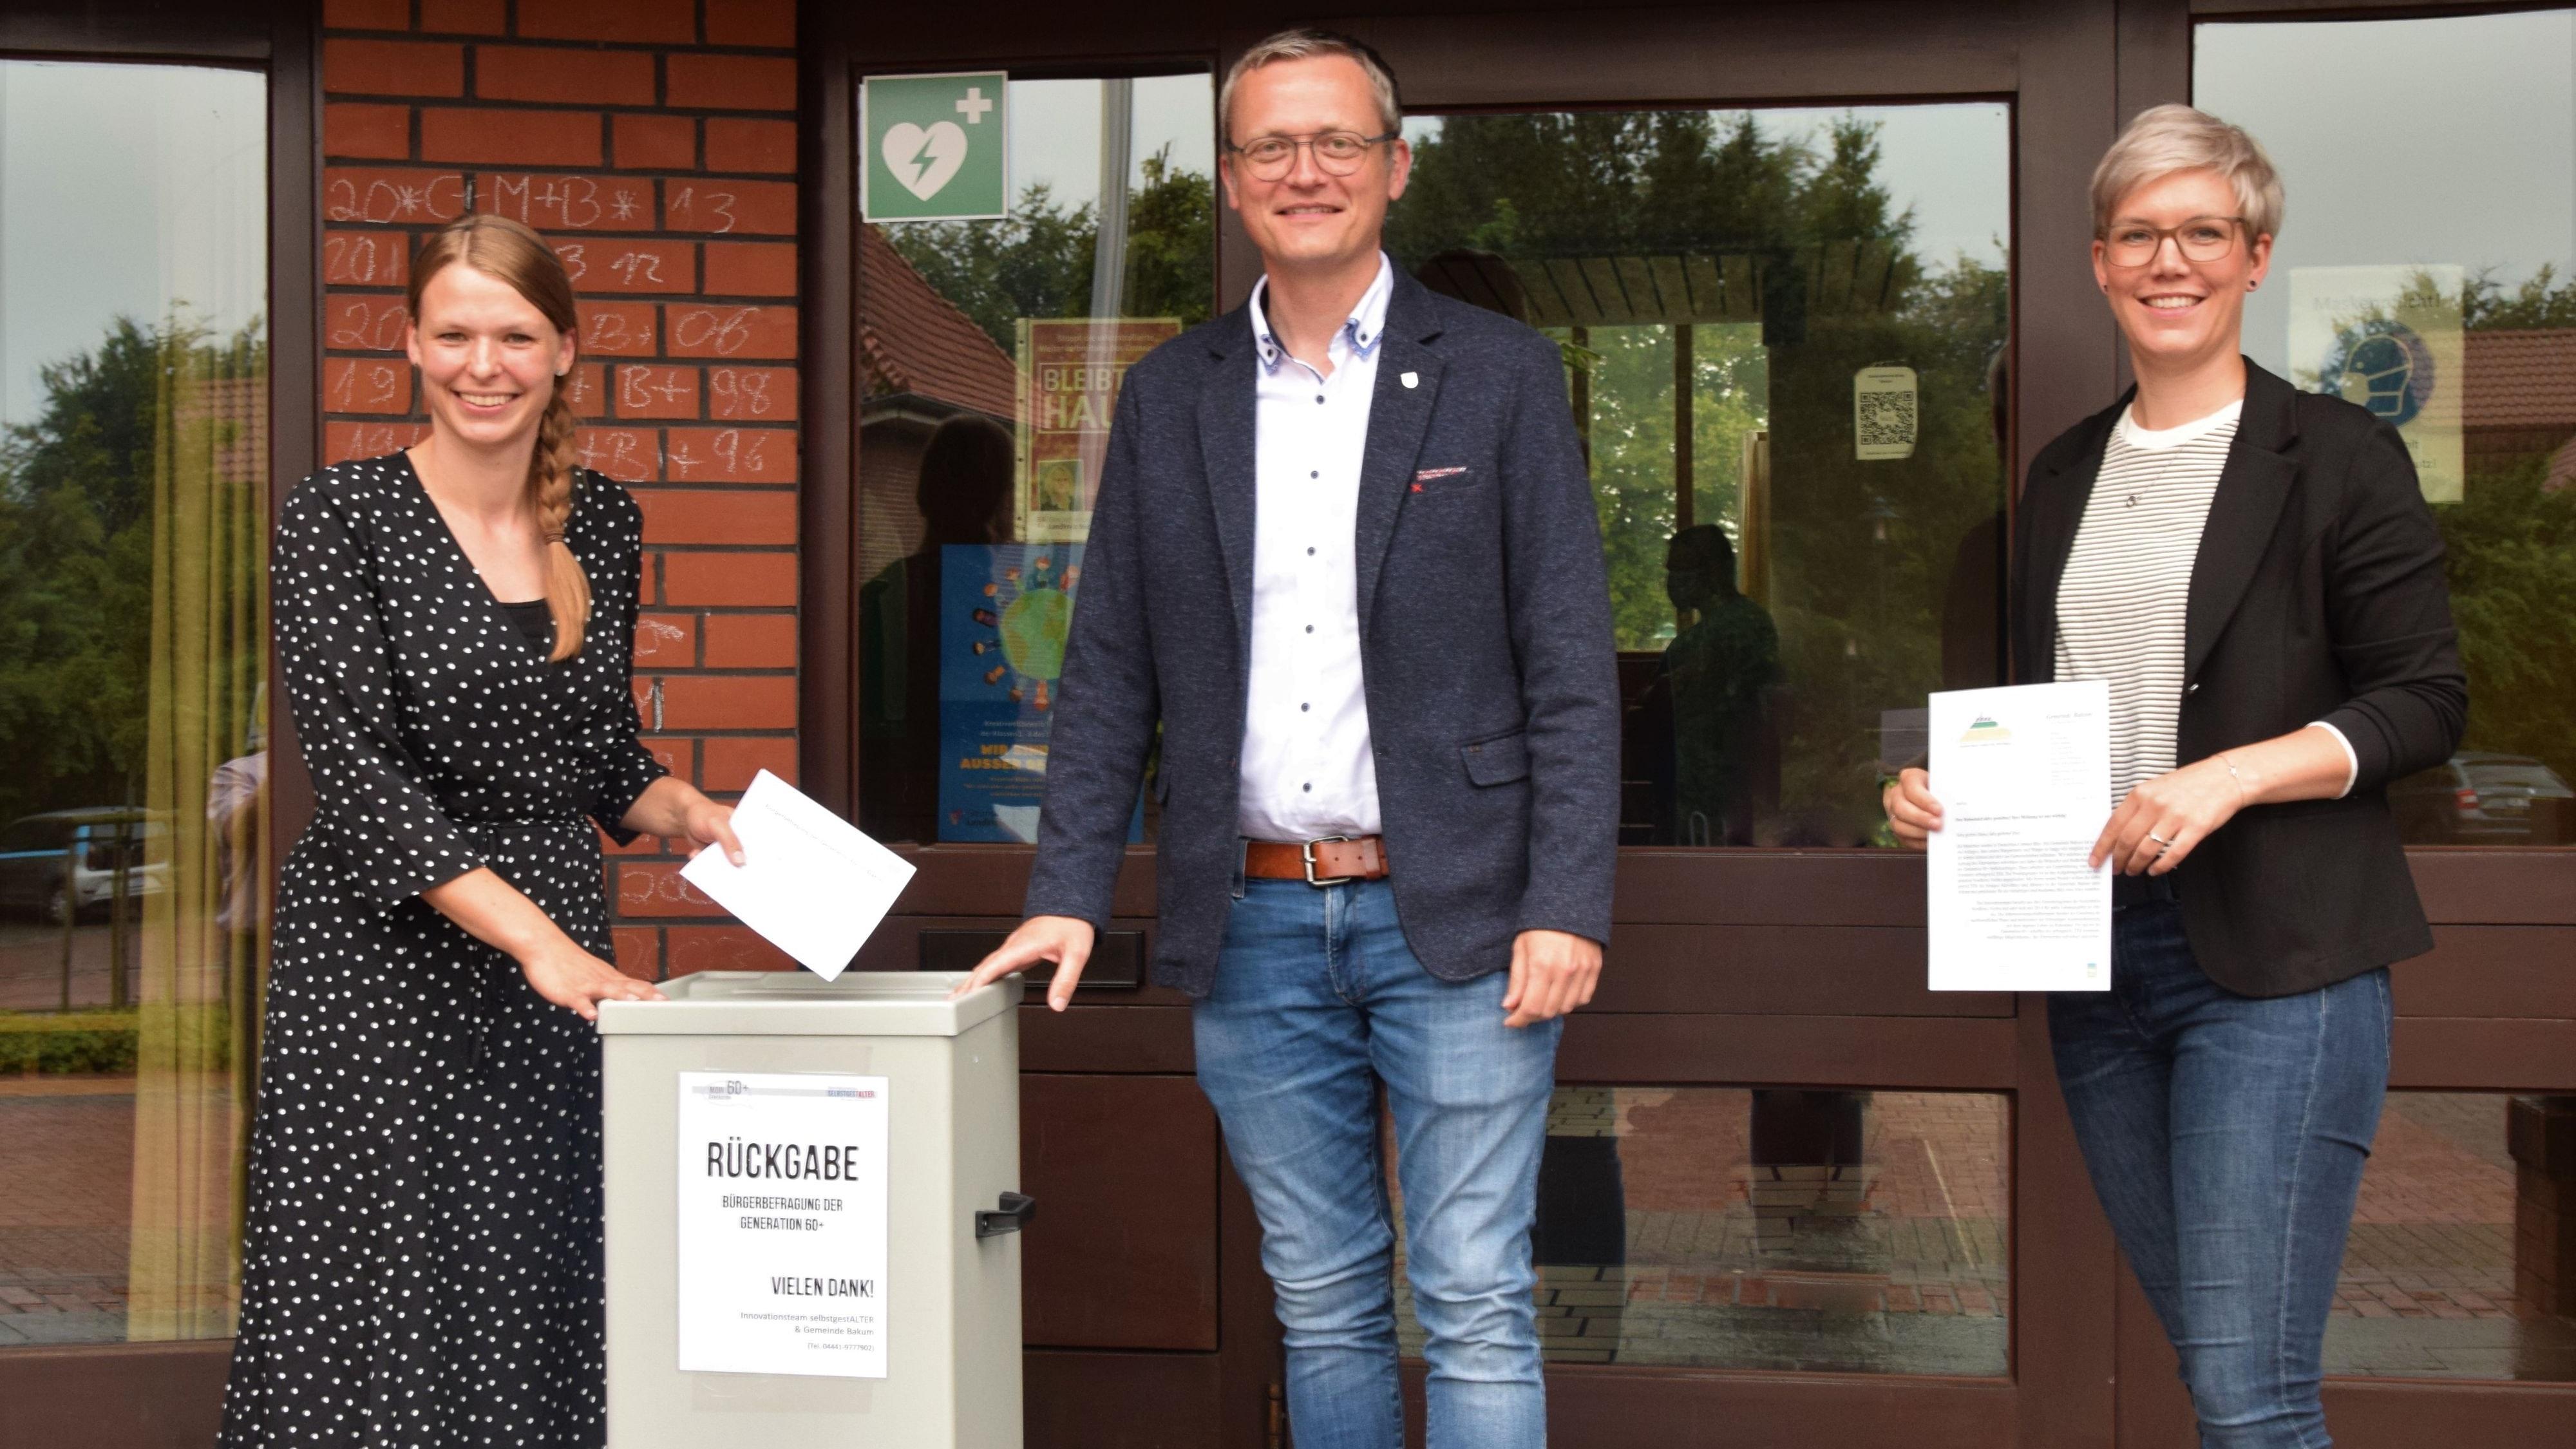 Hoffen auf große Beteiligung: Janine Devers, Tobias Averbeck und Sarah Berkensträter (von links) mit den Fragebögen. Foto: Hahn